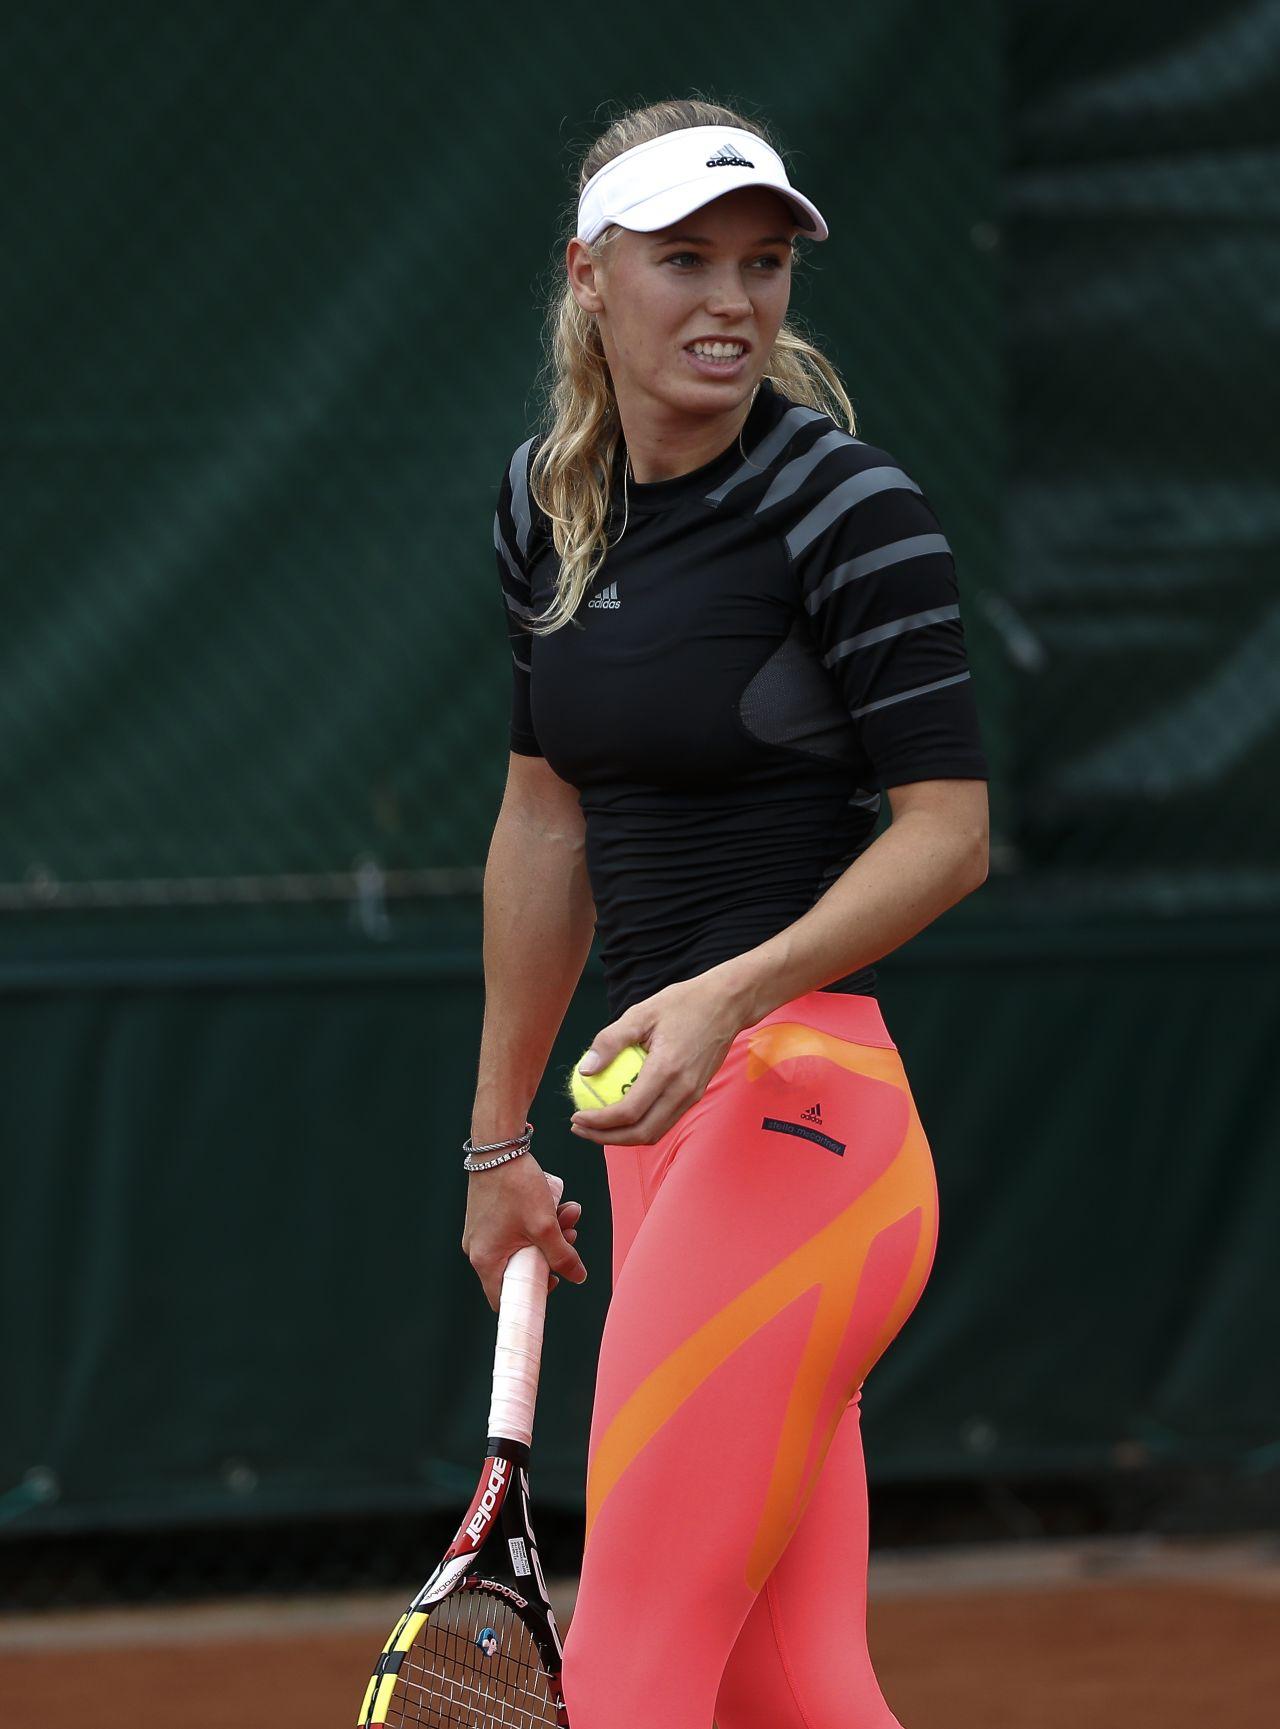 Caroline Wozniack – 2014 French Open Practice